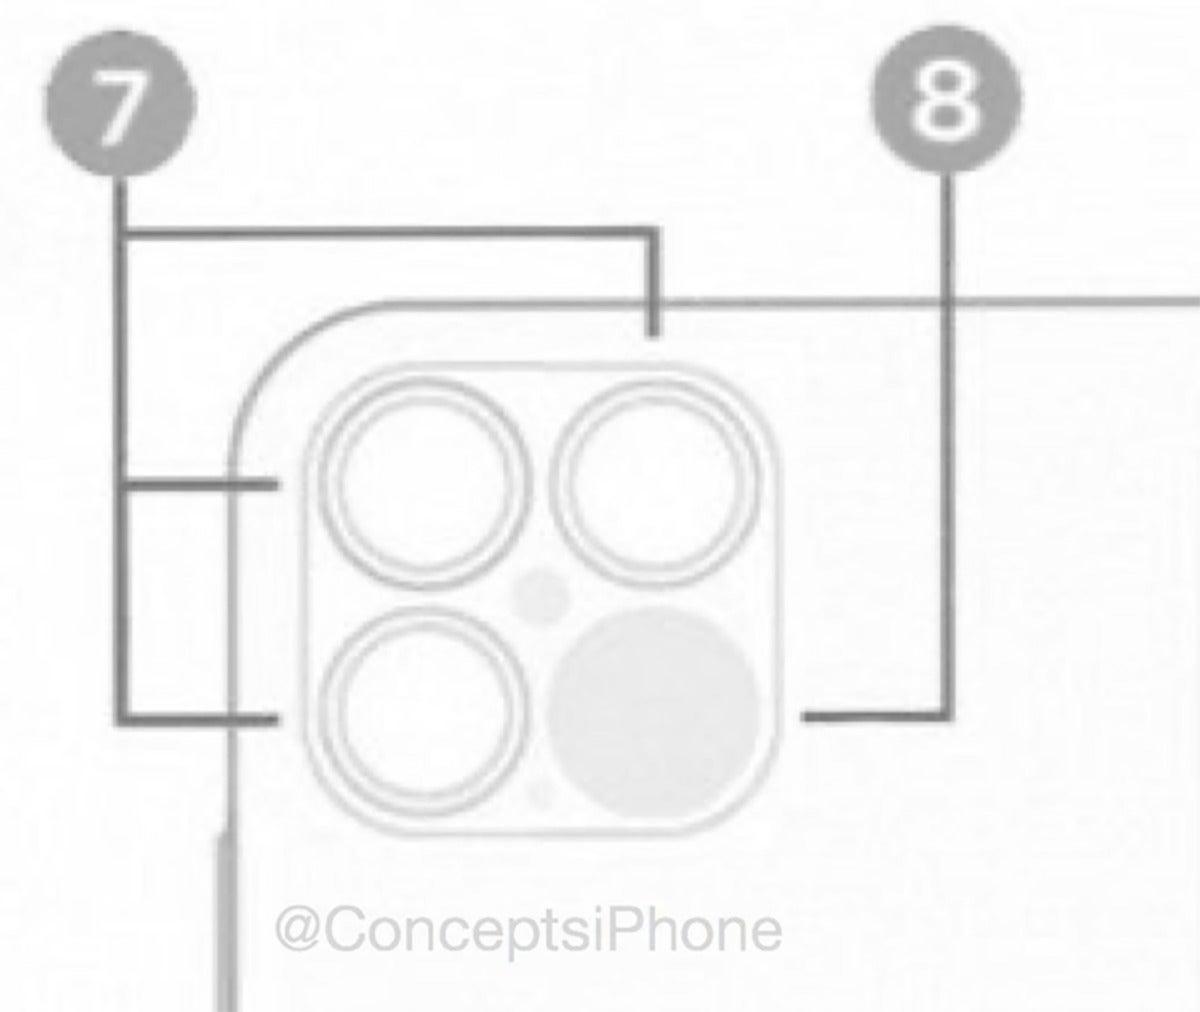 iphone12 rumor camera